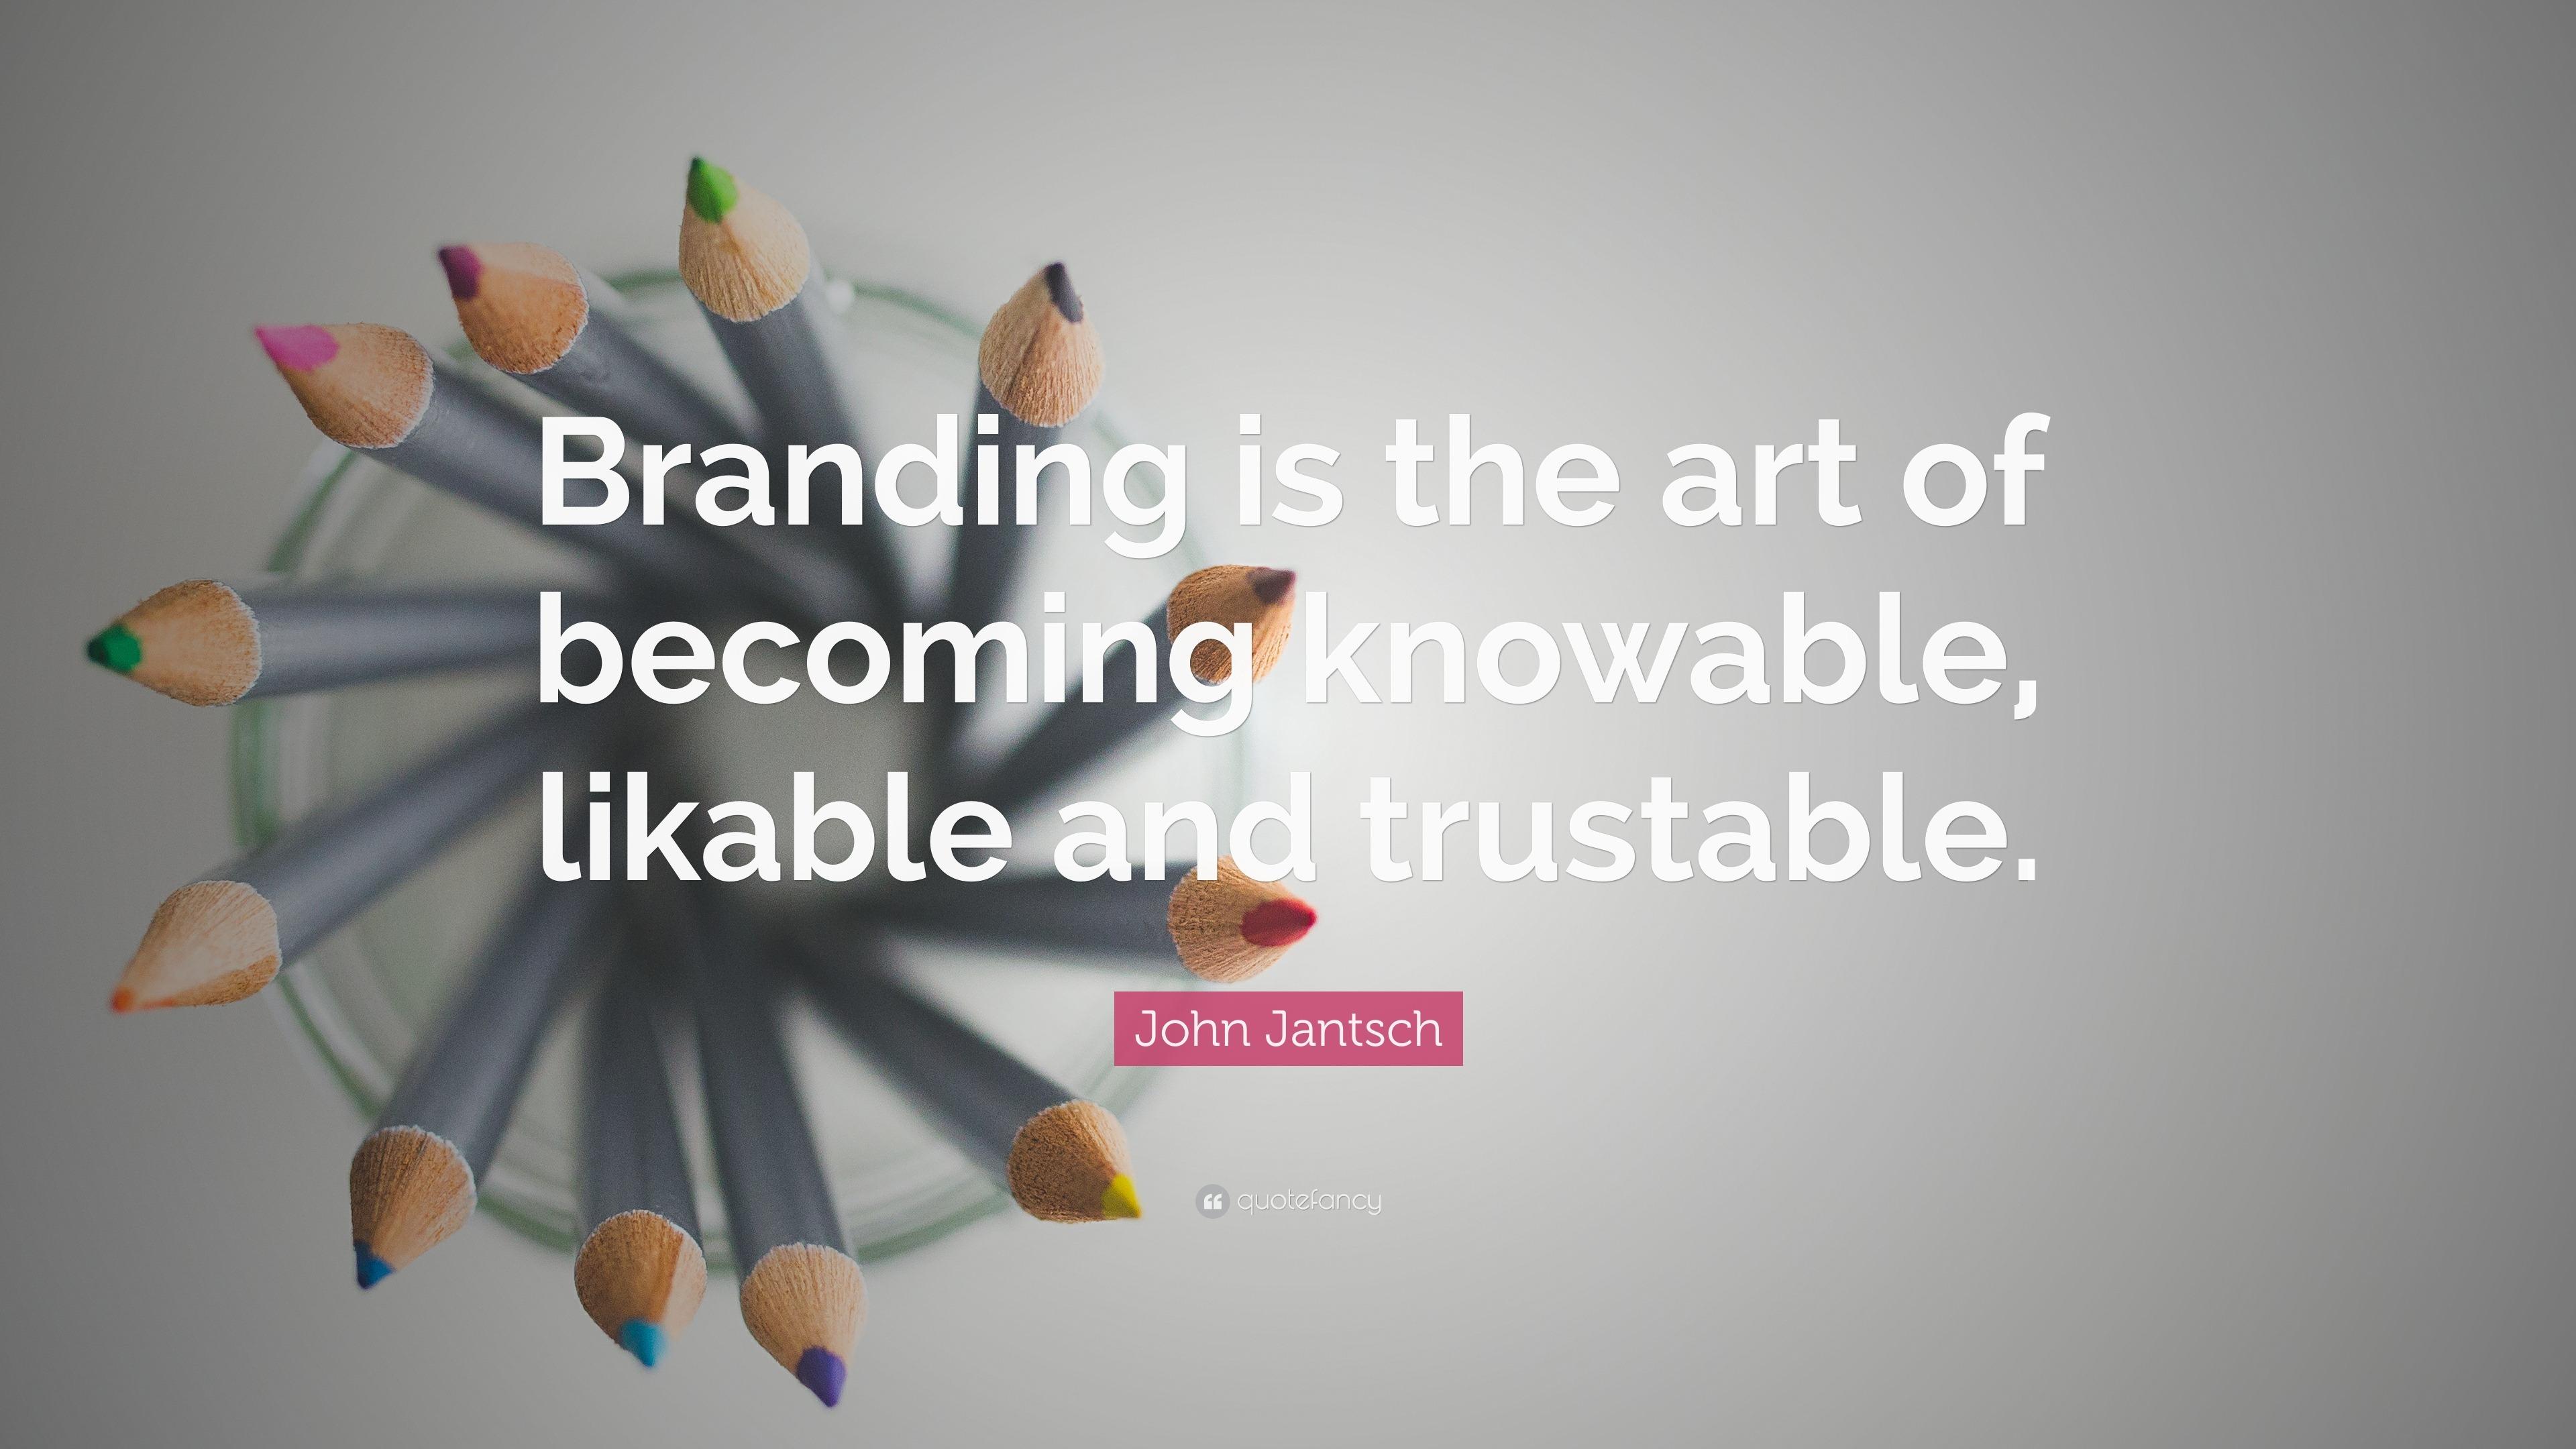 Branding Quotes John Jantsch Quotes 9 Wallpapers  Quotefancy